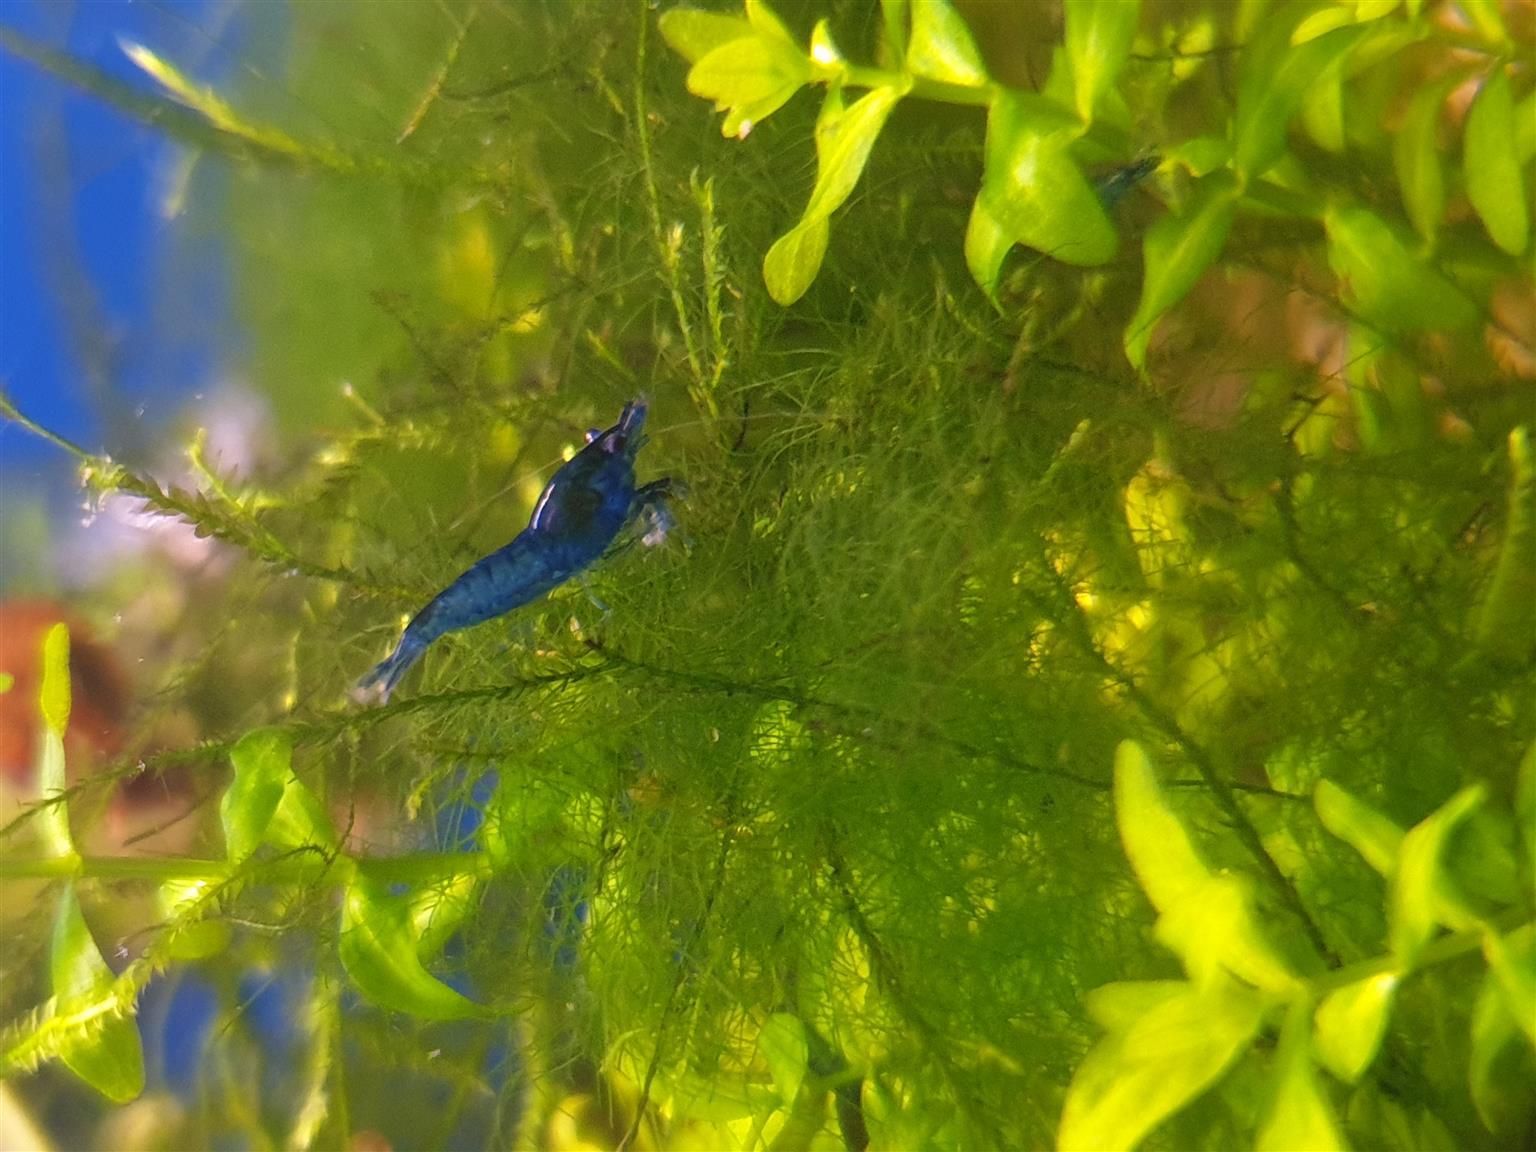 Blue Dream / Blue Diamond Shrimp